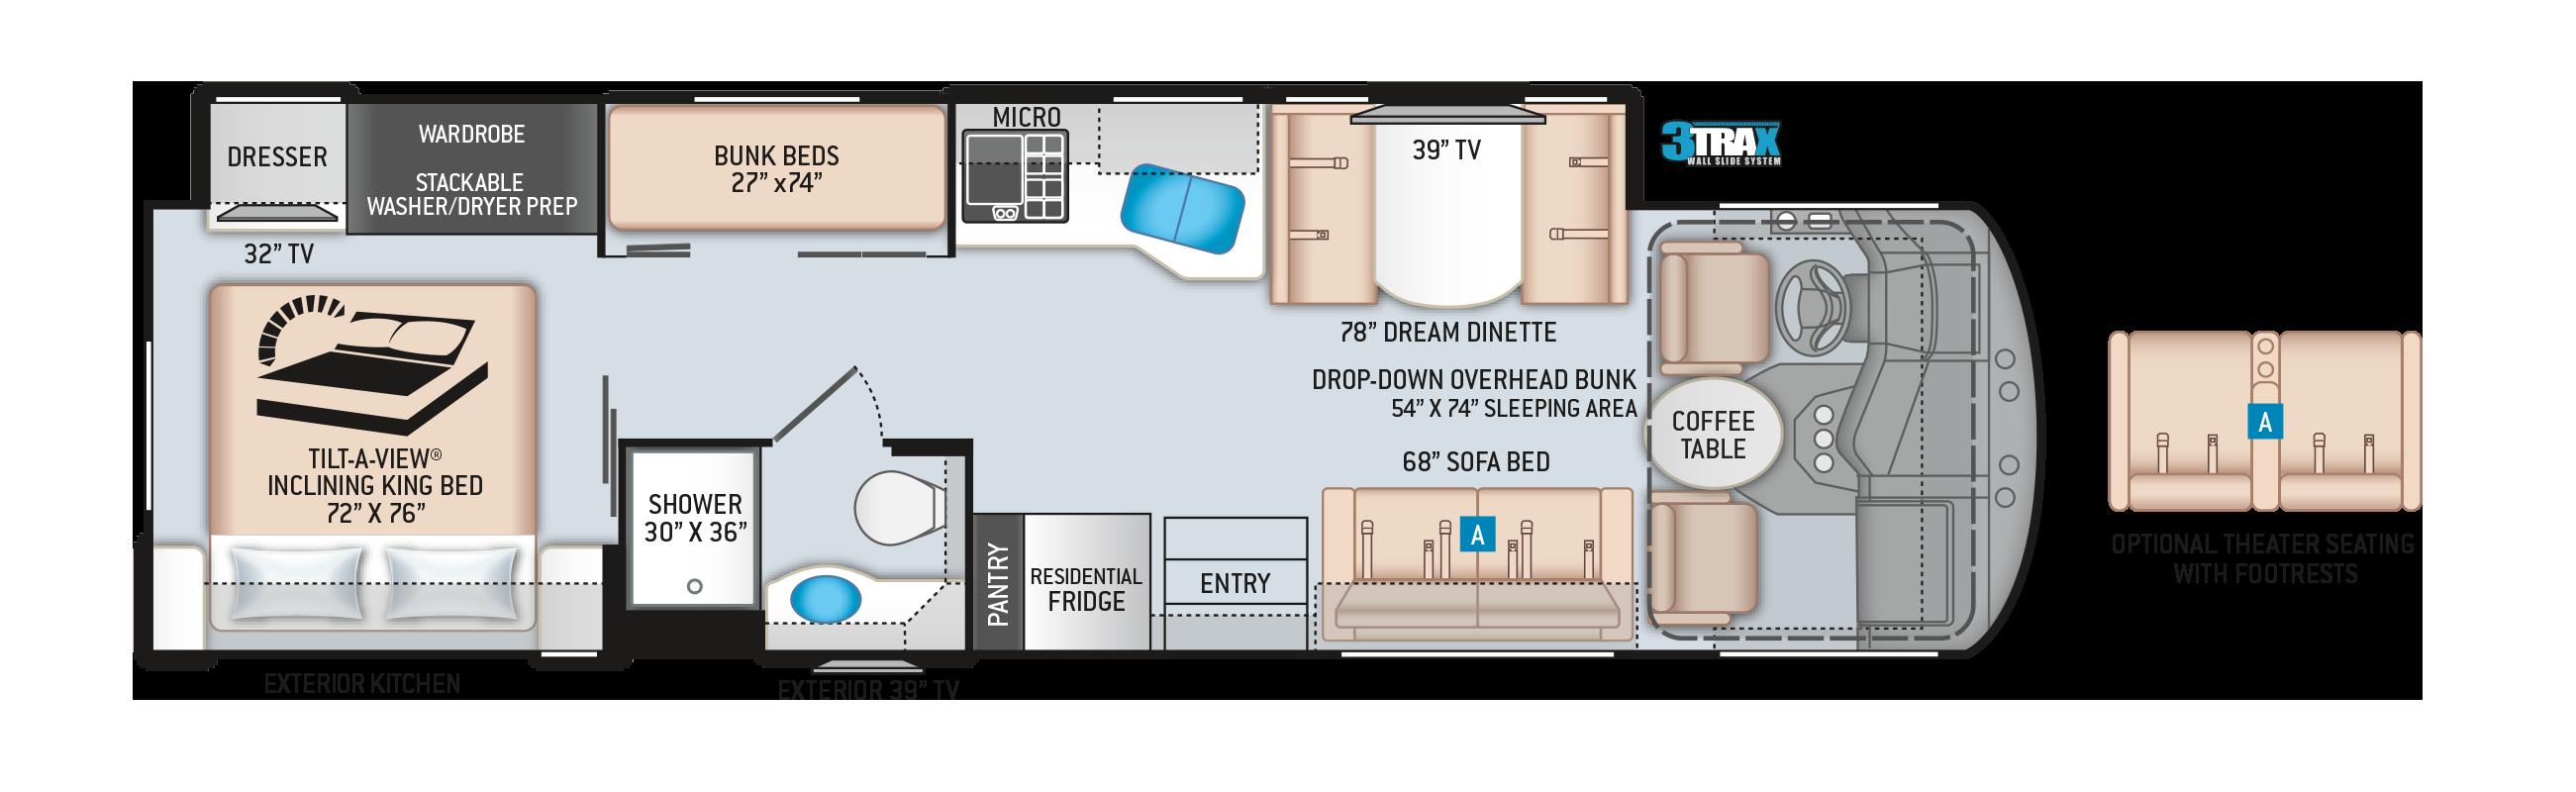 Miramar Class A Motorhome 34.6 Floor Plan